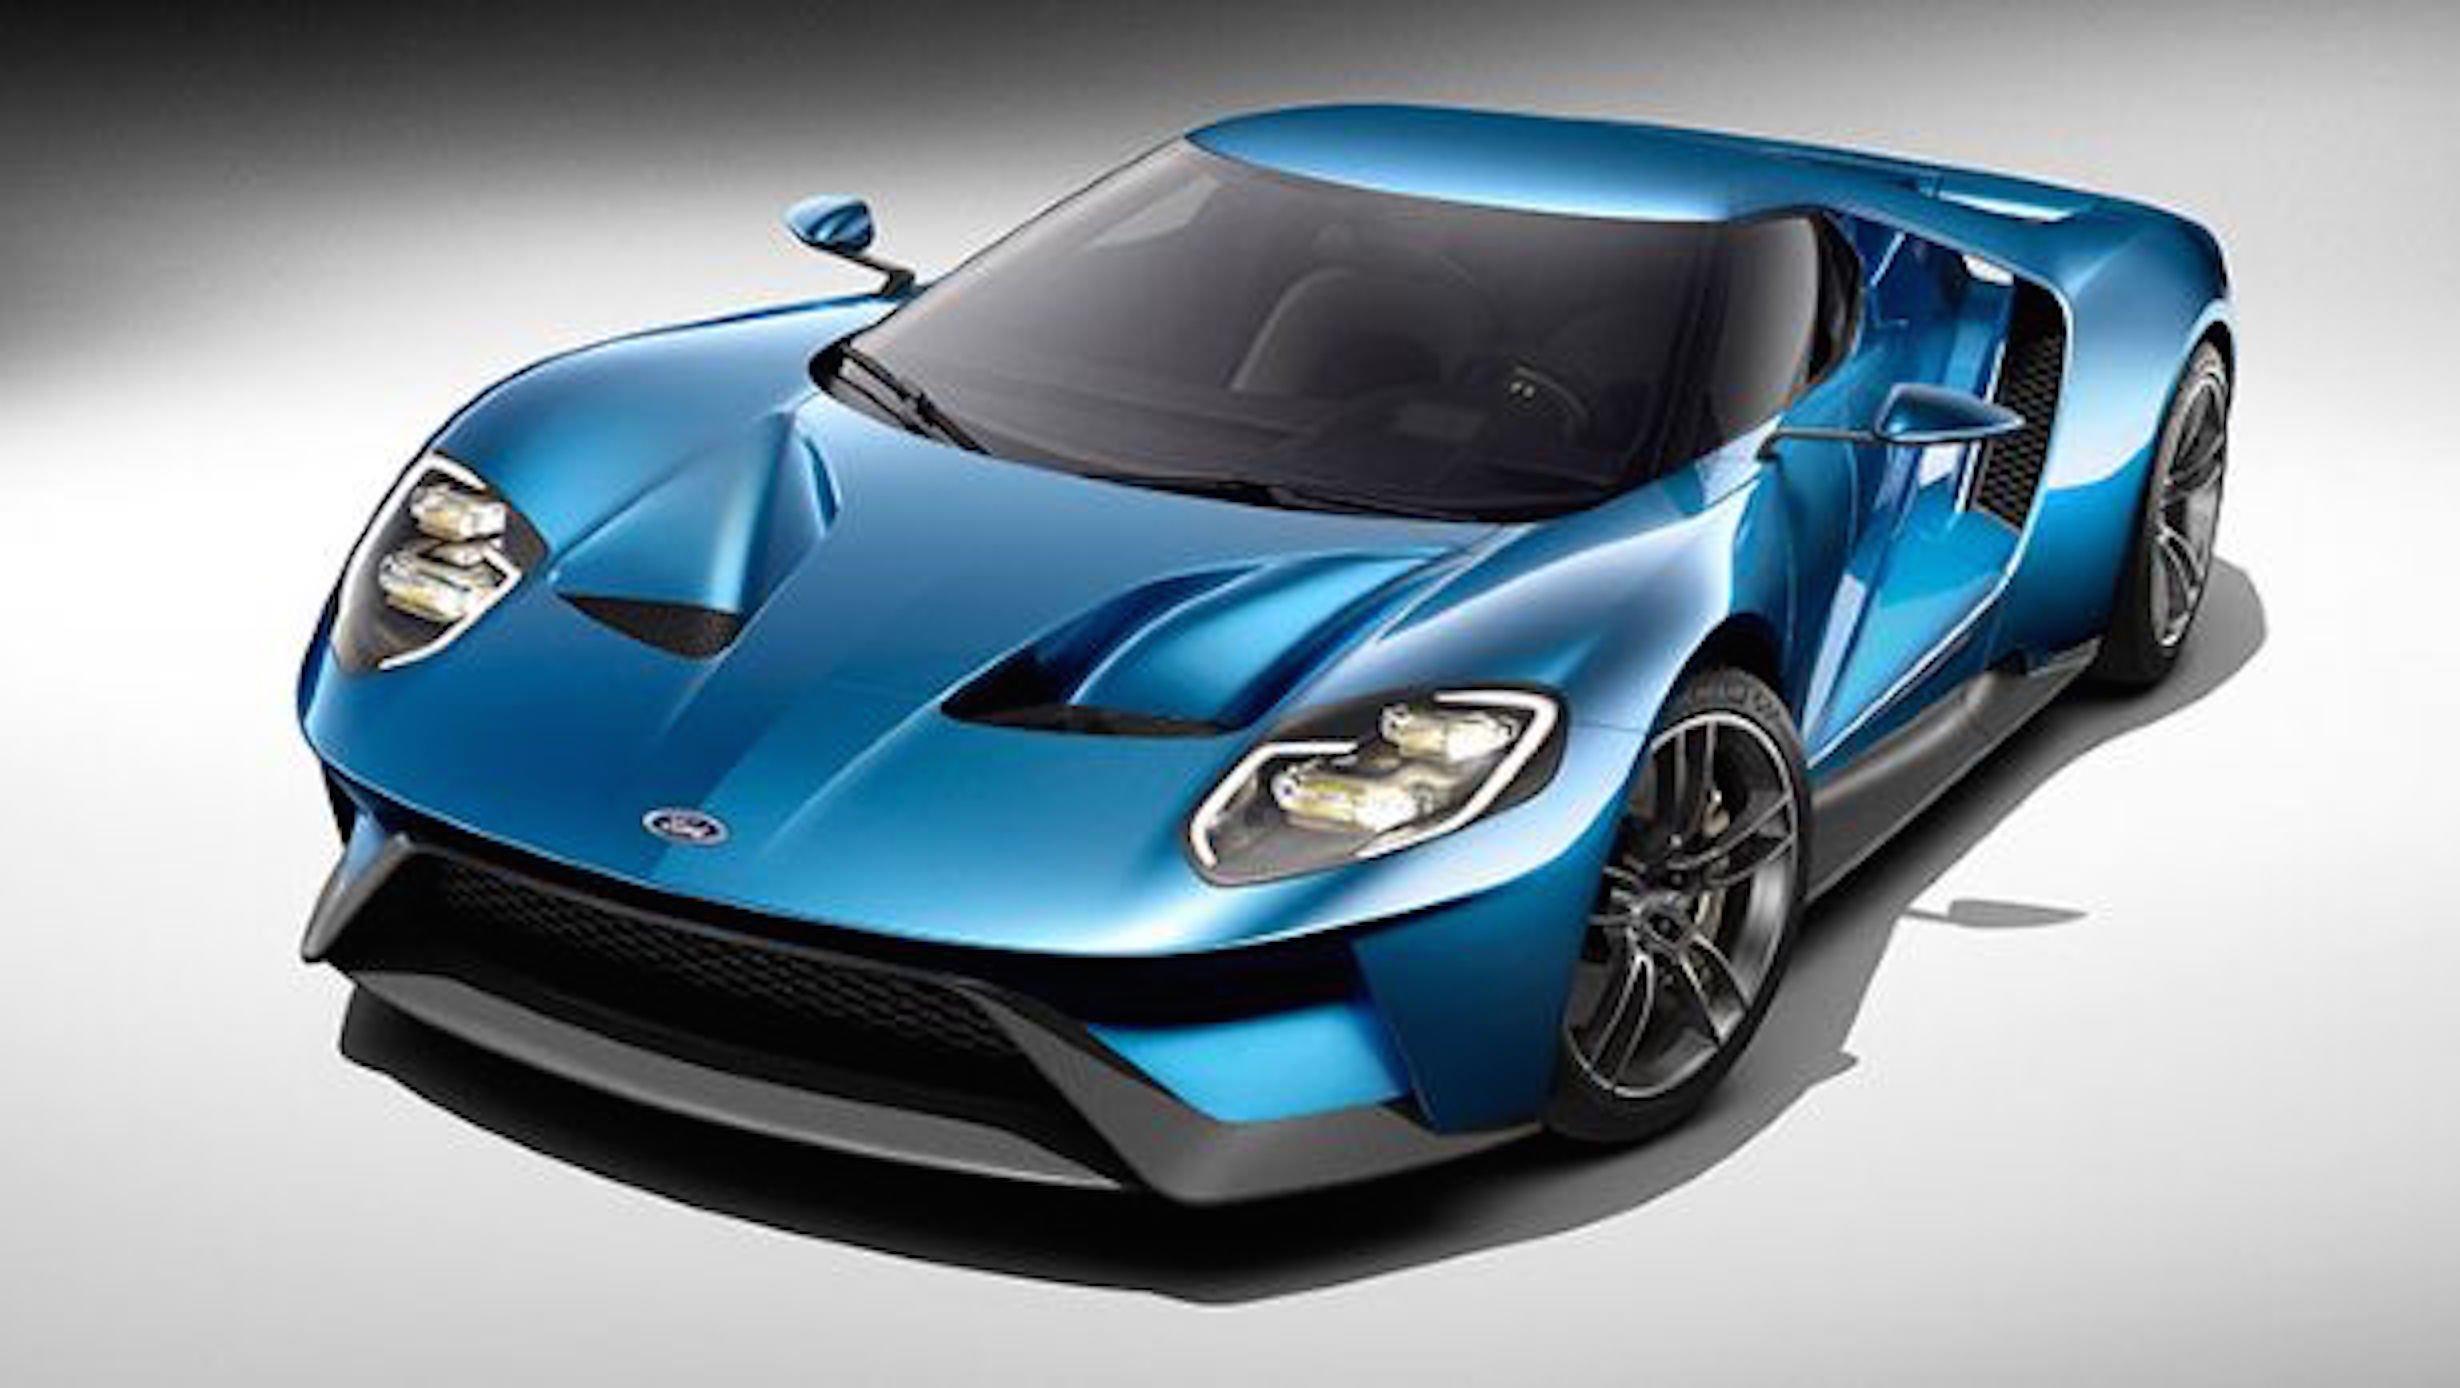 ВСША провели тестирования обновленного поколения спорткара Форд GT